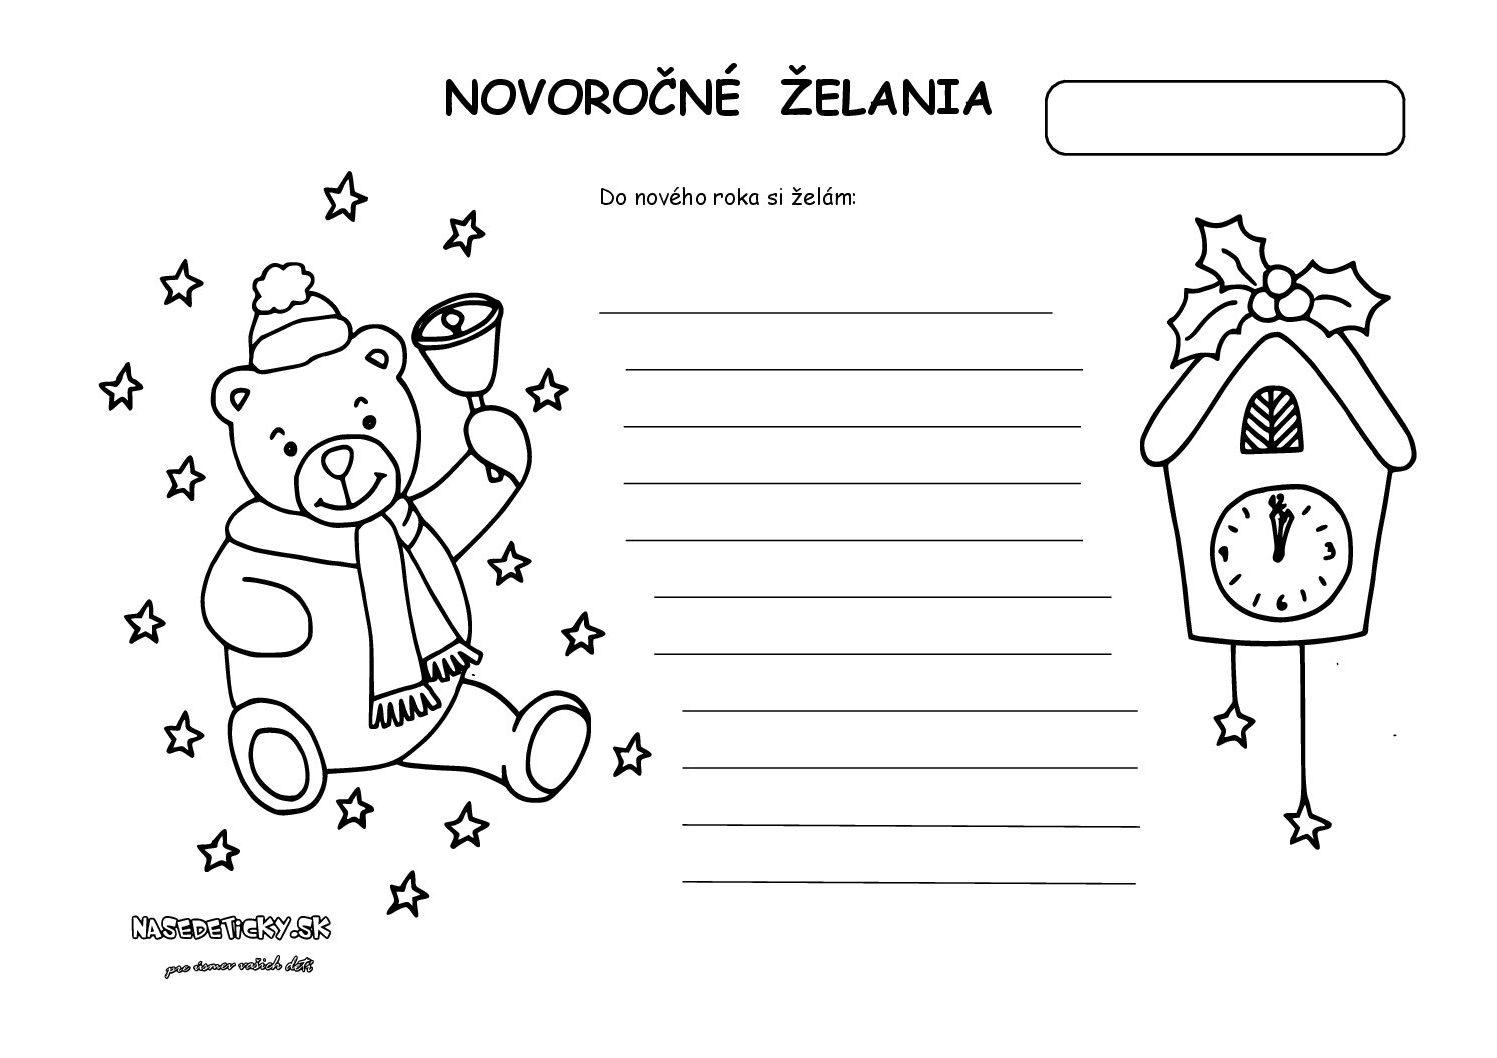 Novoročné želania - pracovný list pre deti